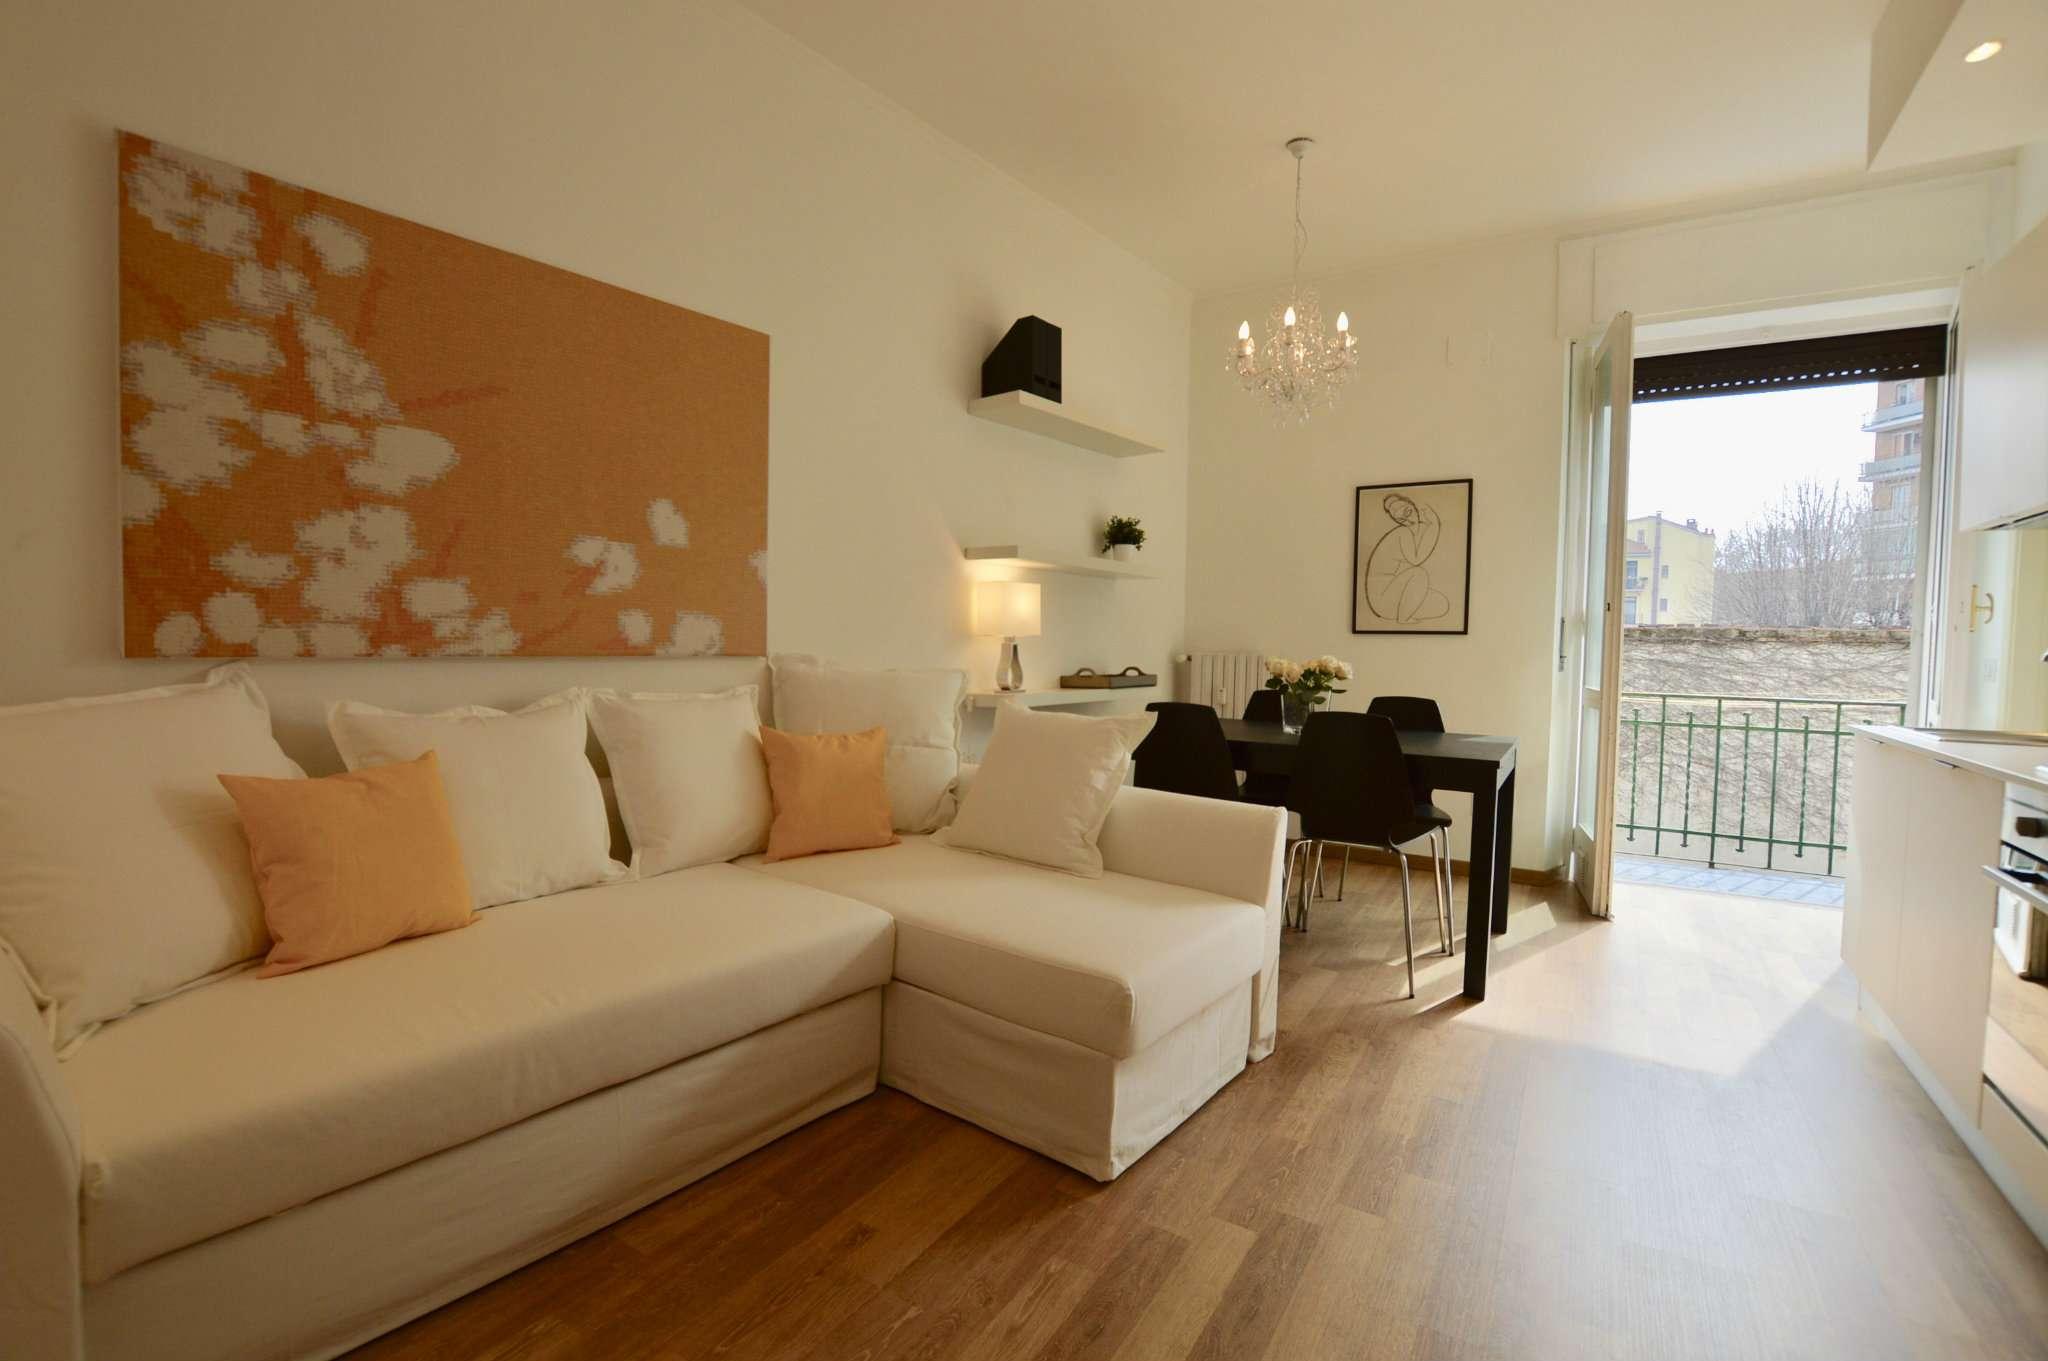 Appartamento in Vendita a Milano 29 Certosa / Bovisa / Dergano / Maciachini / Istria / Testi:  3 locali, 70 mq  - Foto 1